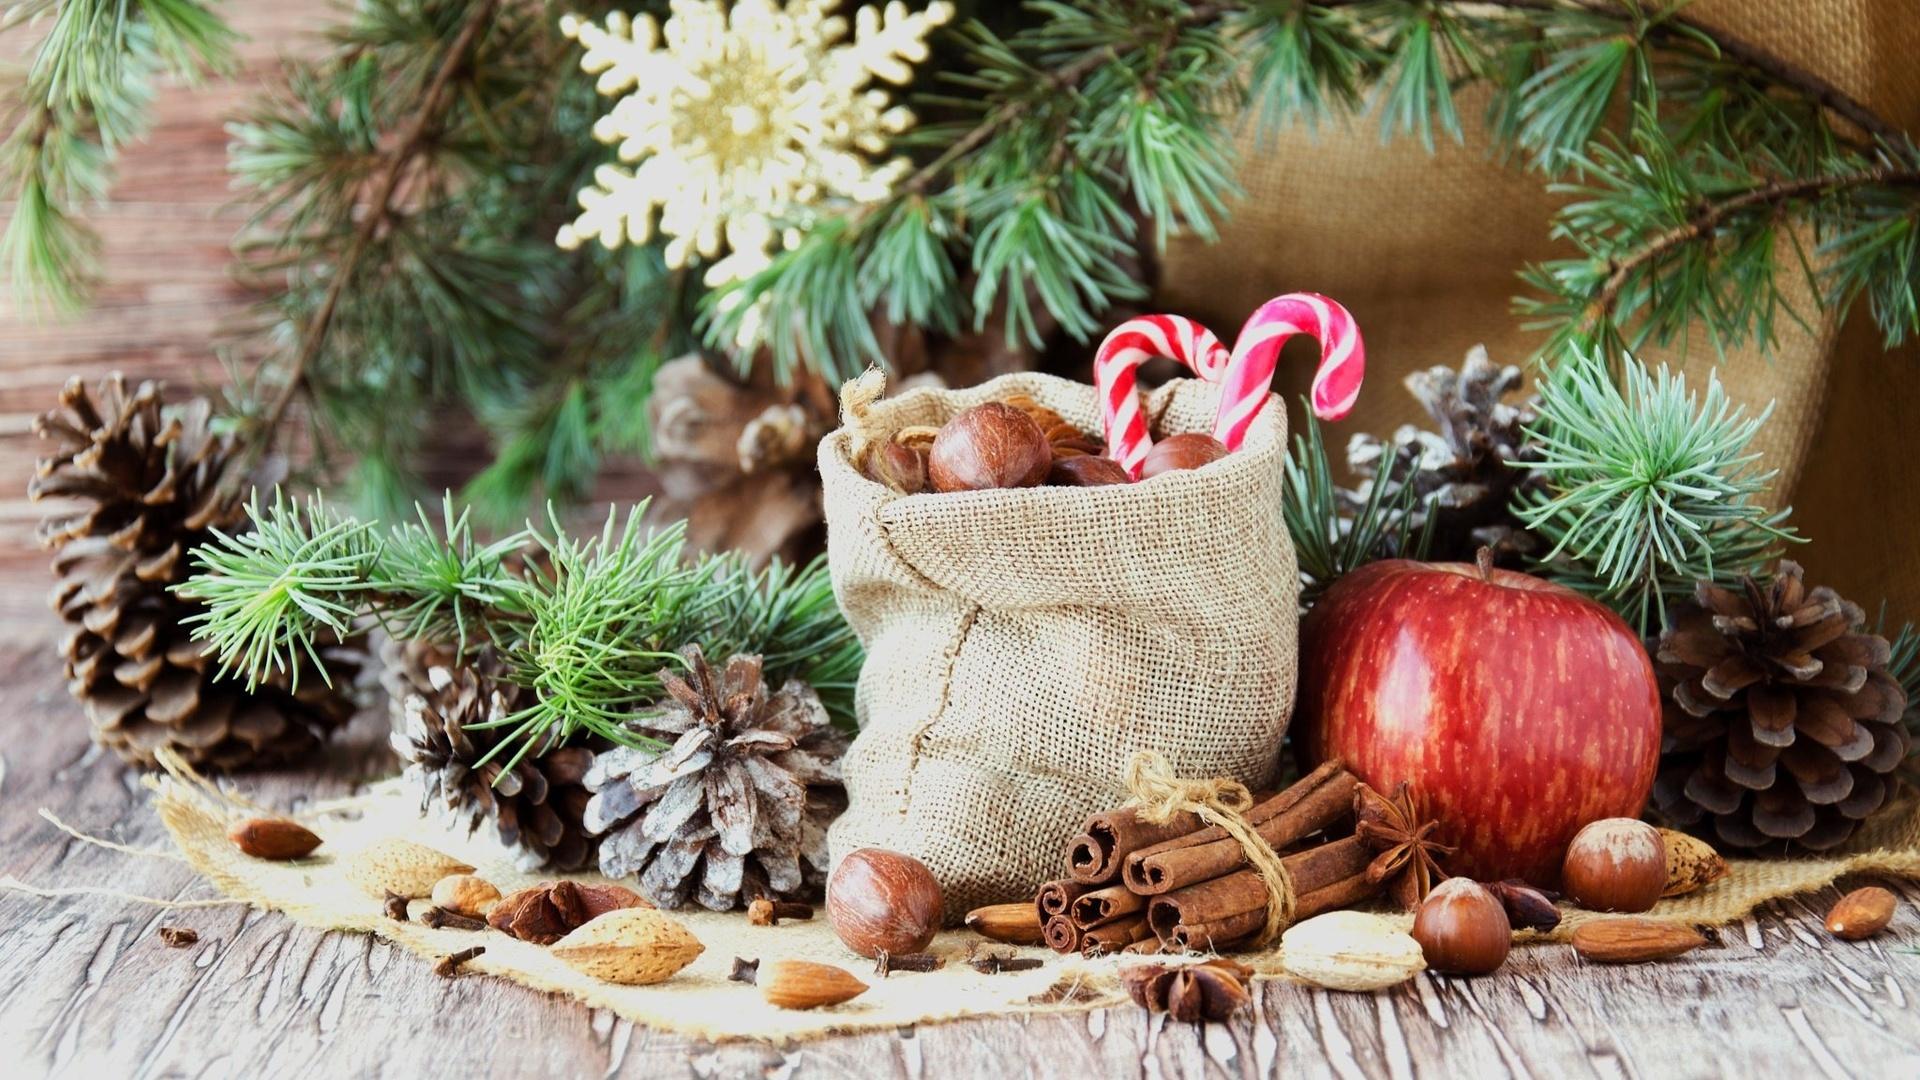 ветки, праздник, новый год, яблоко, рождество, конфеты, орехи, корица, мешок, хвоя, шишки, мешковина, специи